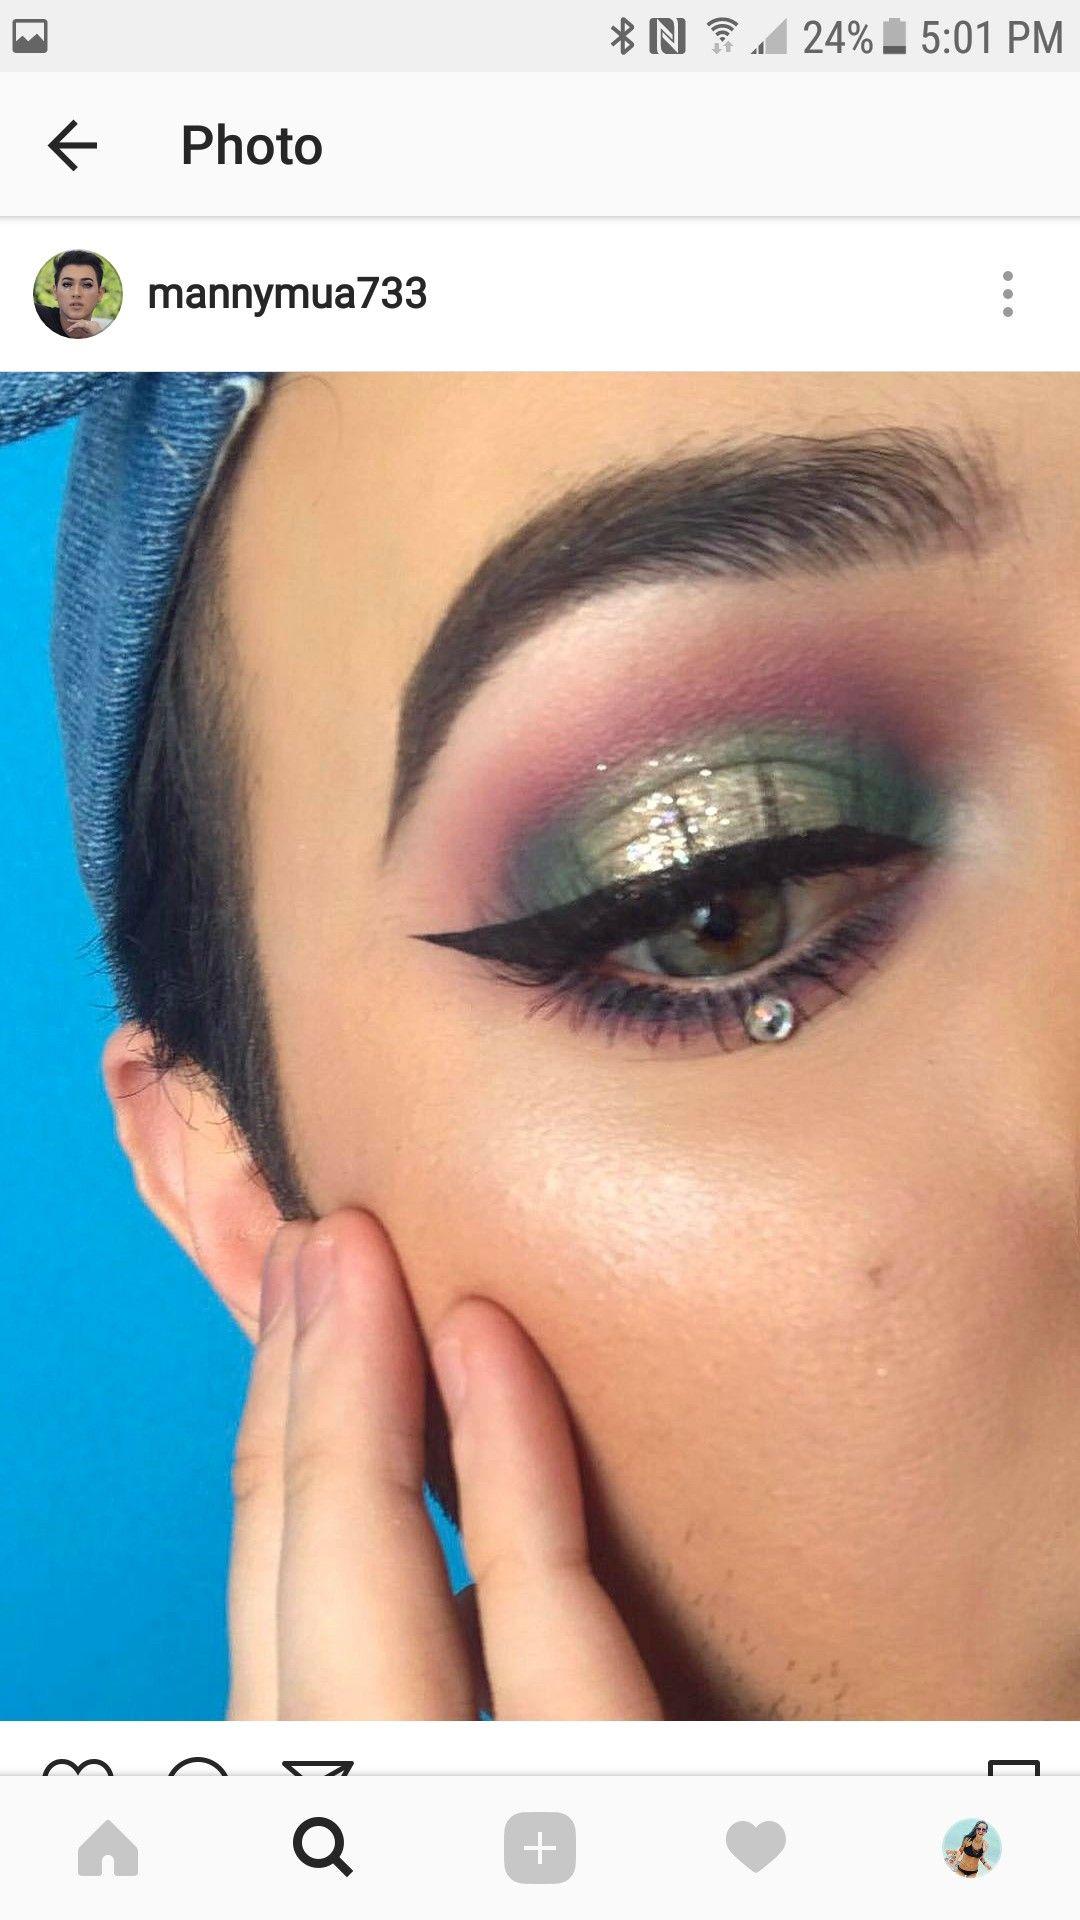 Manny Mua Makeup